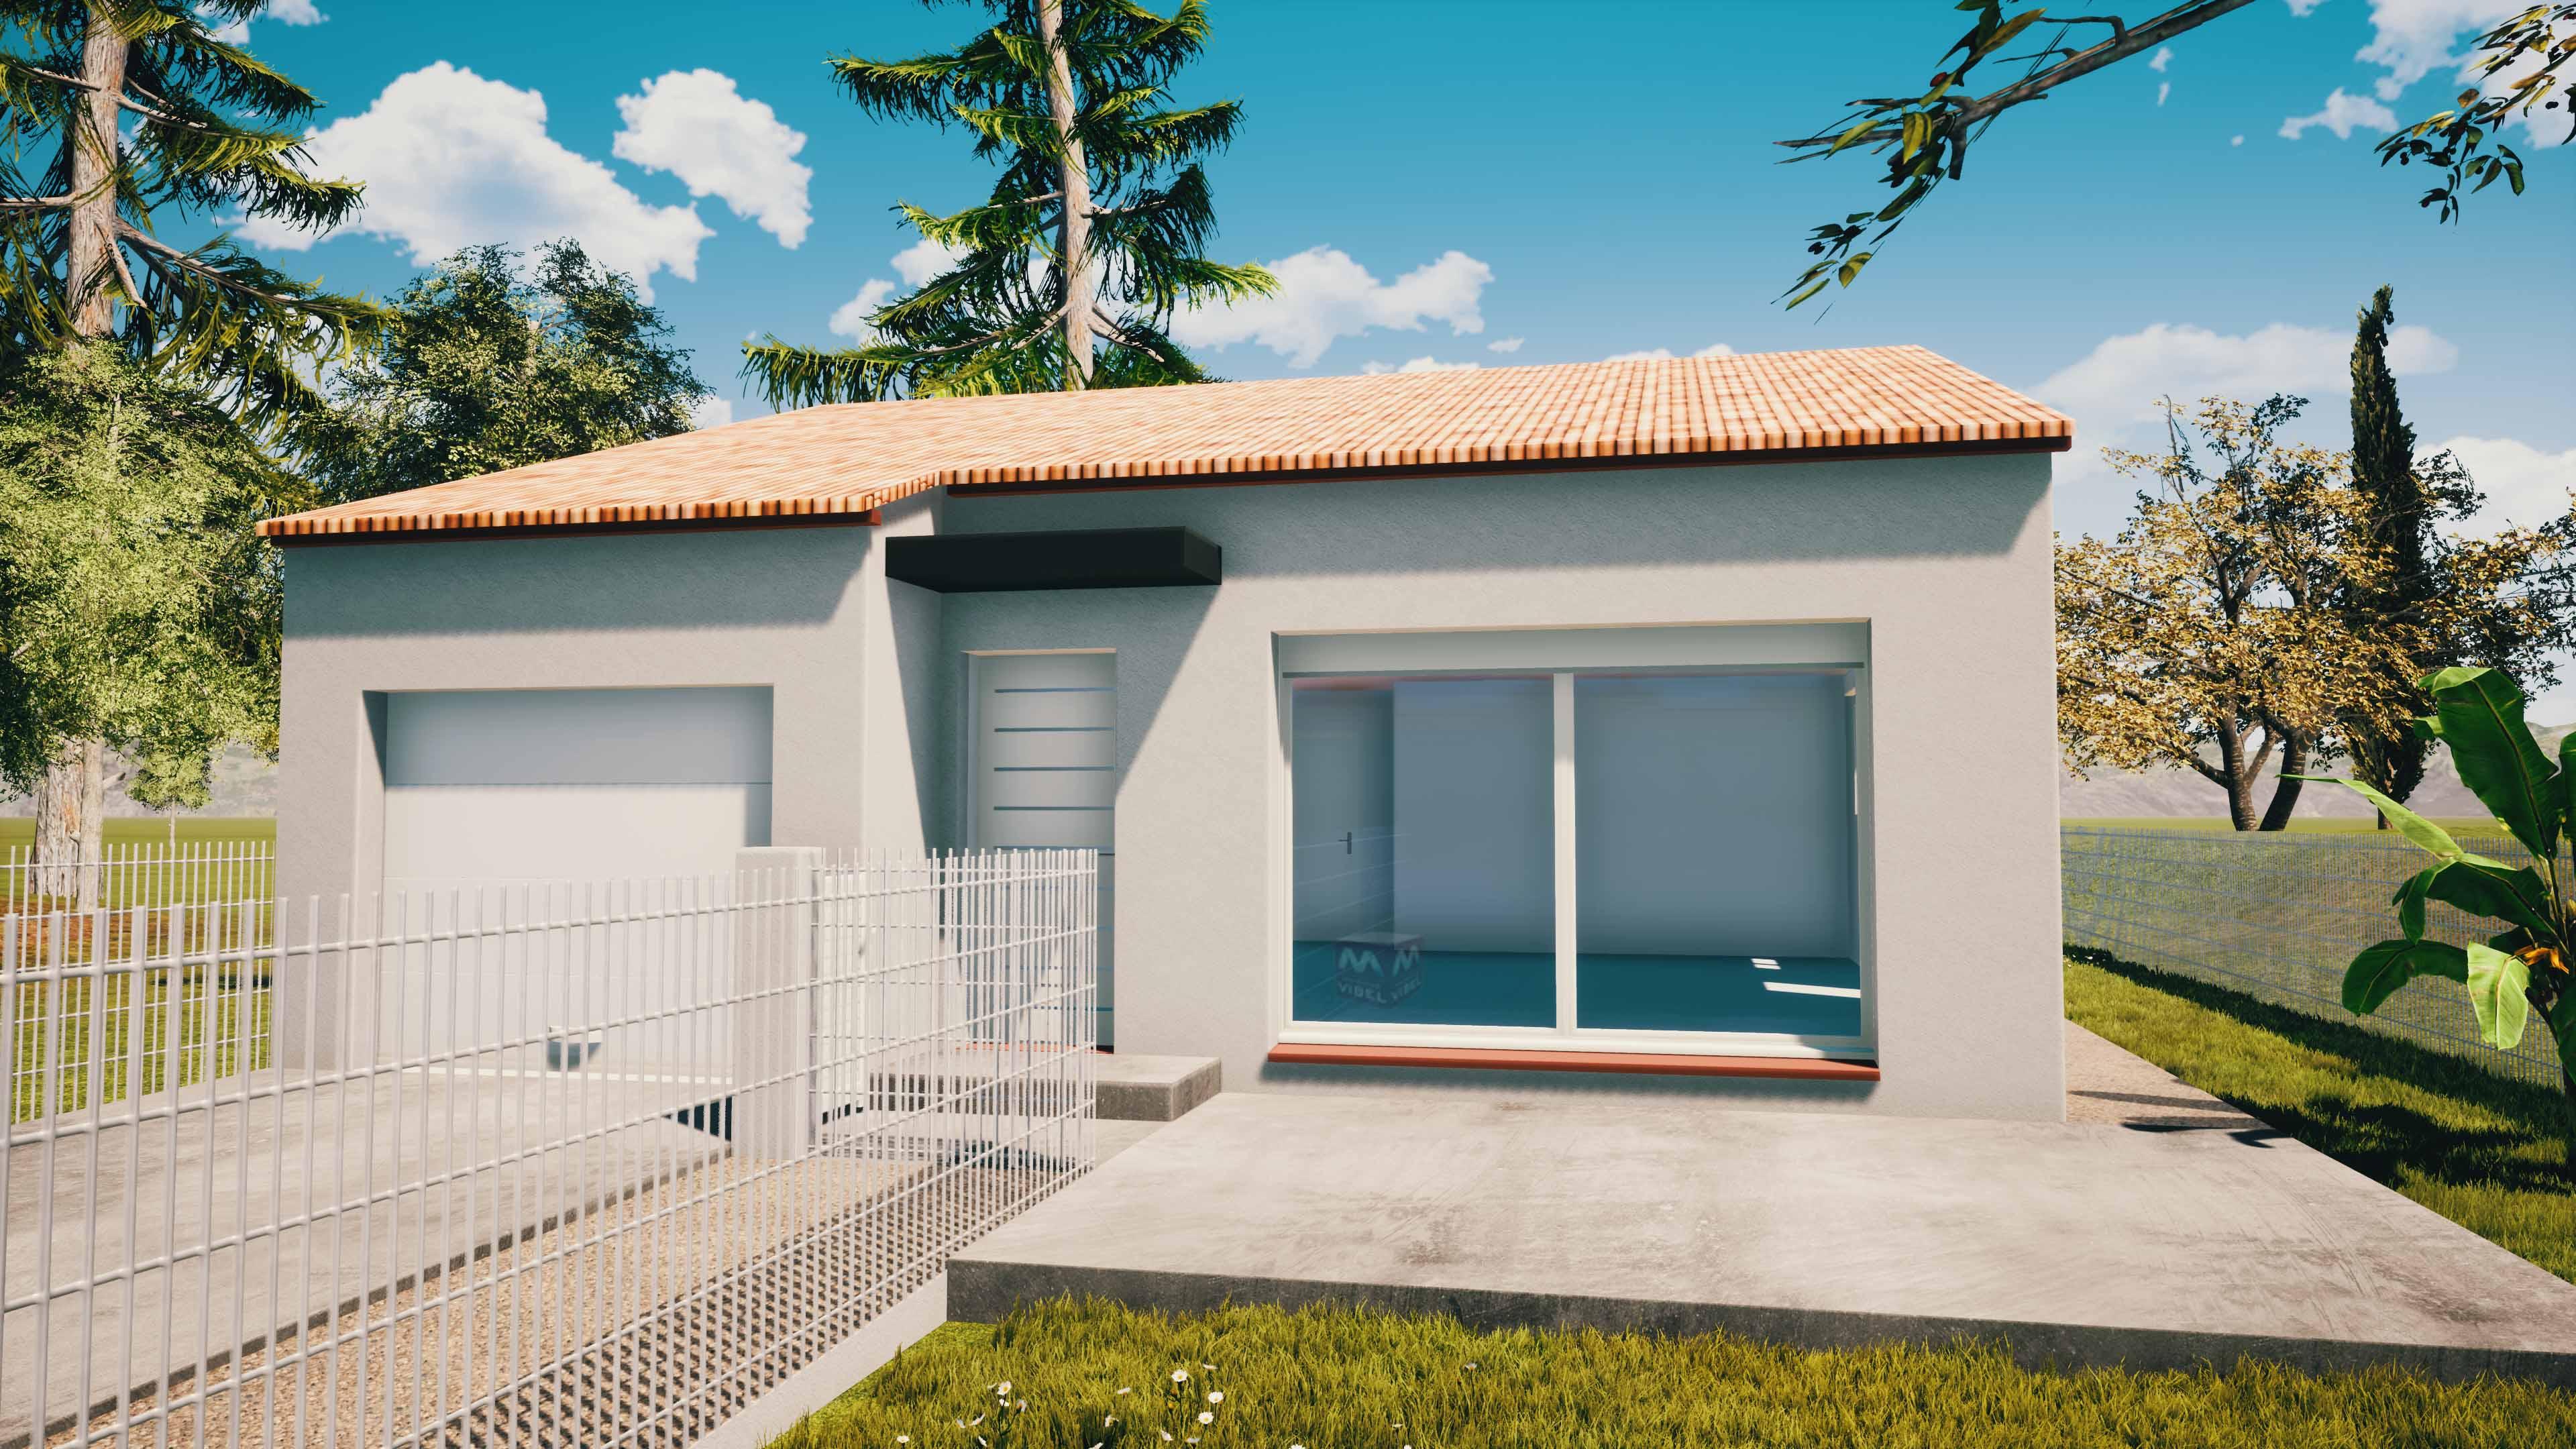 Maisons + Terrains du constructeur MAISONS VIBEL • 85 m² • VINCA